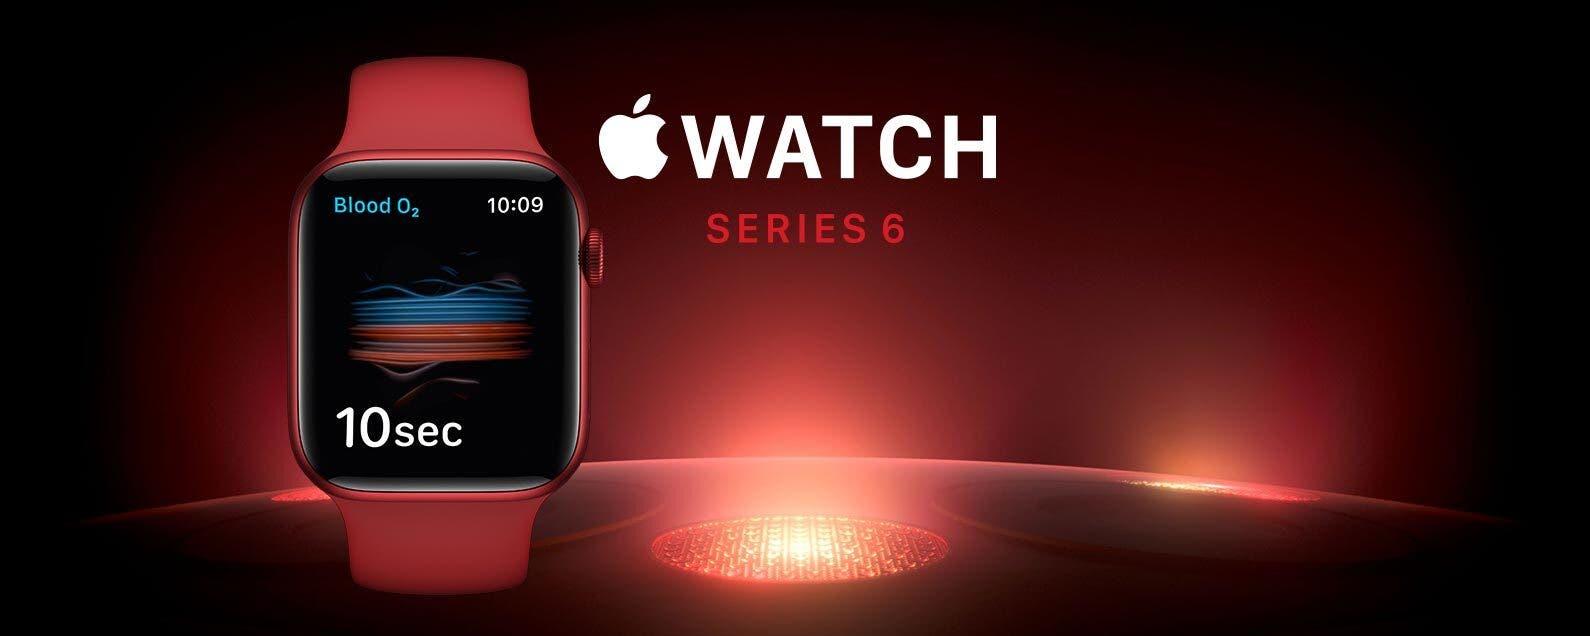 รีวิว Apple Watch 6: การตรวจสอบค่าออกซิเจนในเลือด (SpO2)